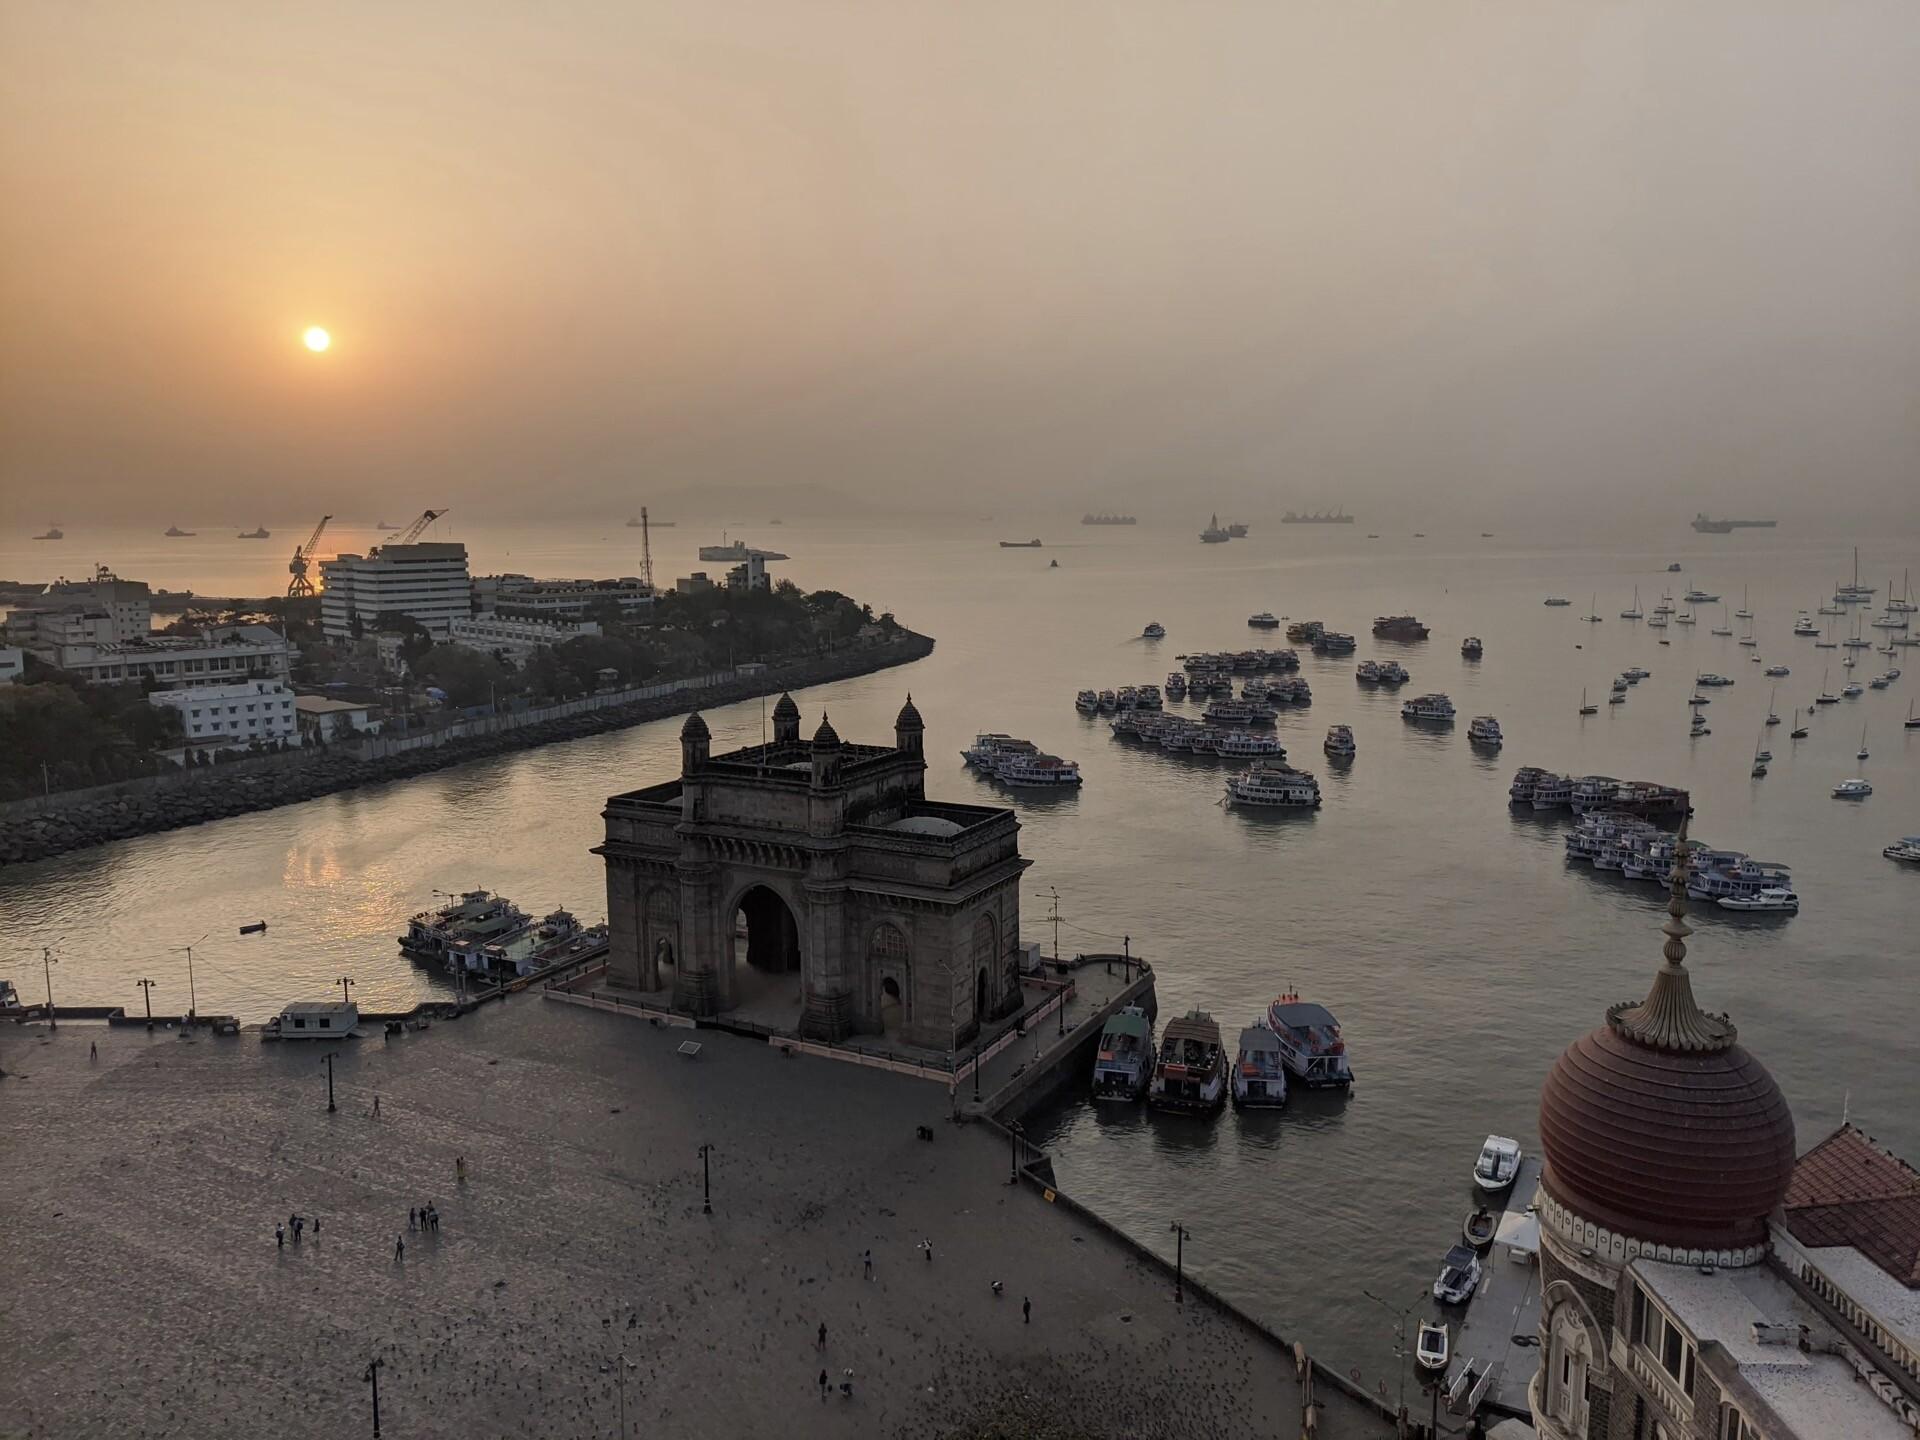 孟买印度高清动态壁纸